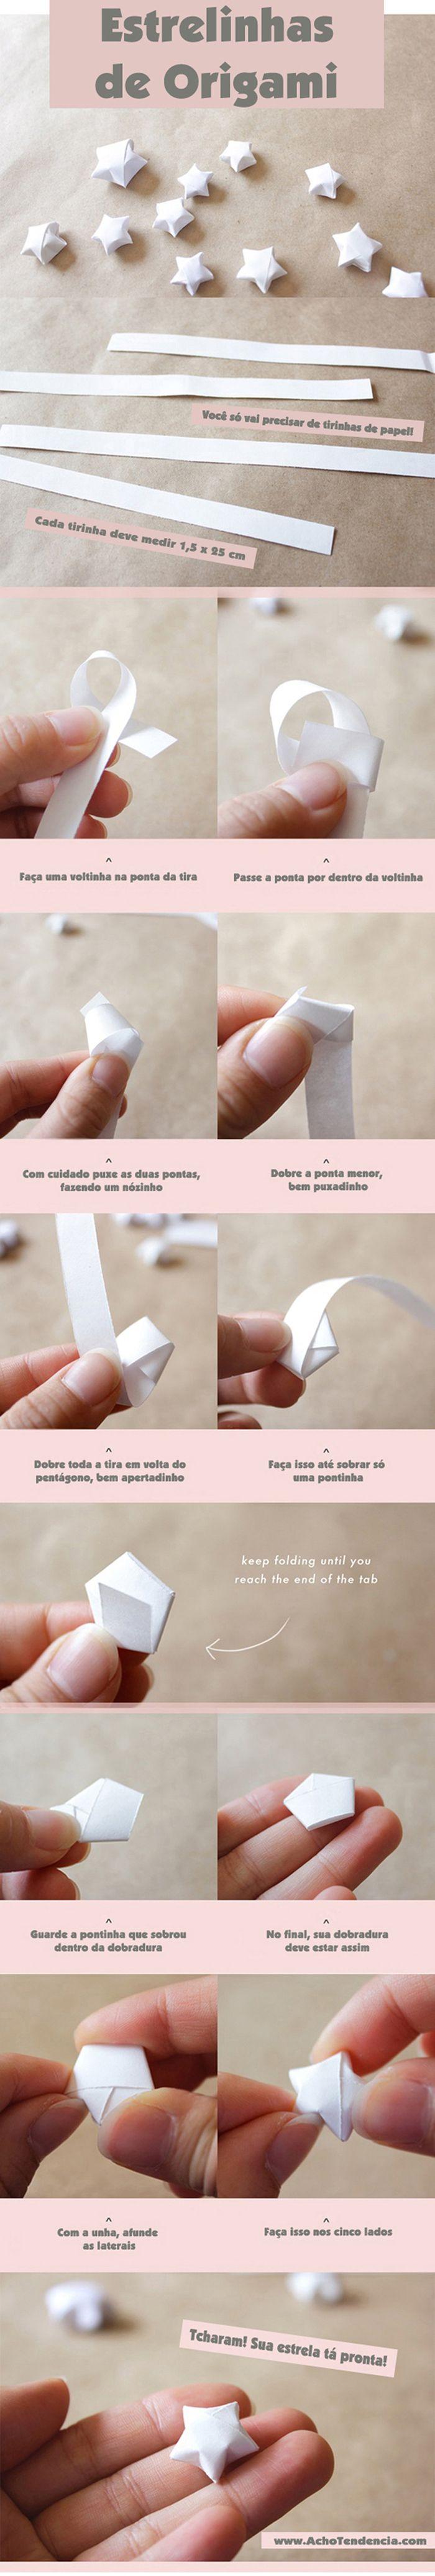 Acho Tendência | Giovana Quaglio: Como fazer Origami de Estrelinha